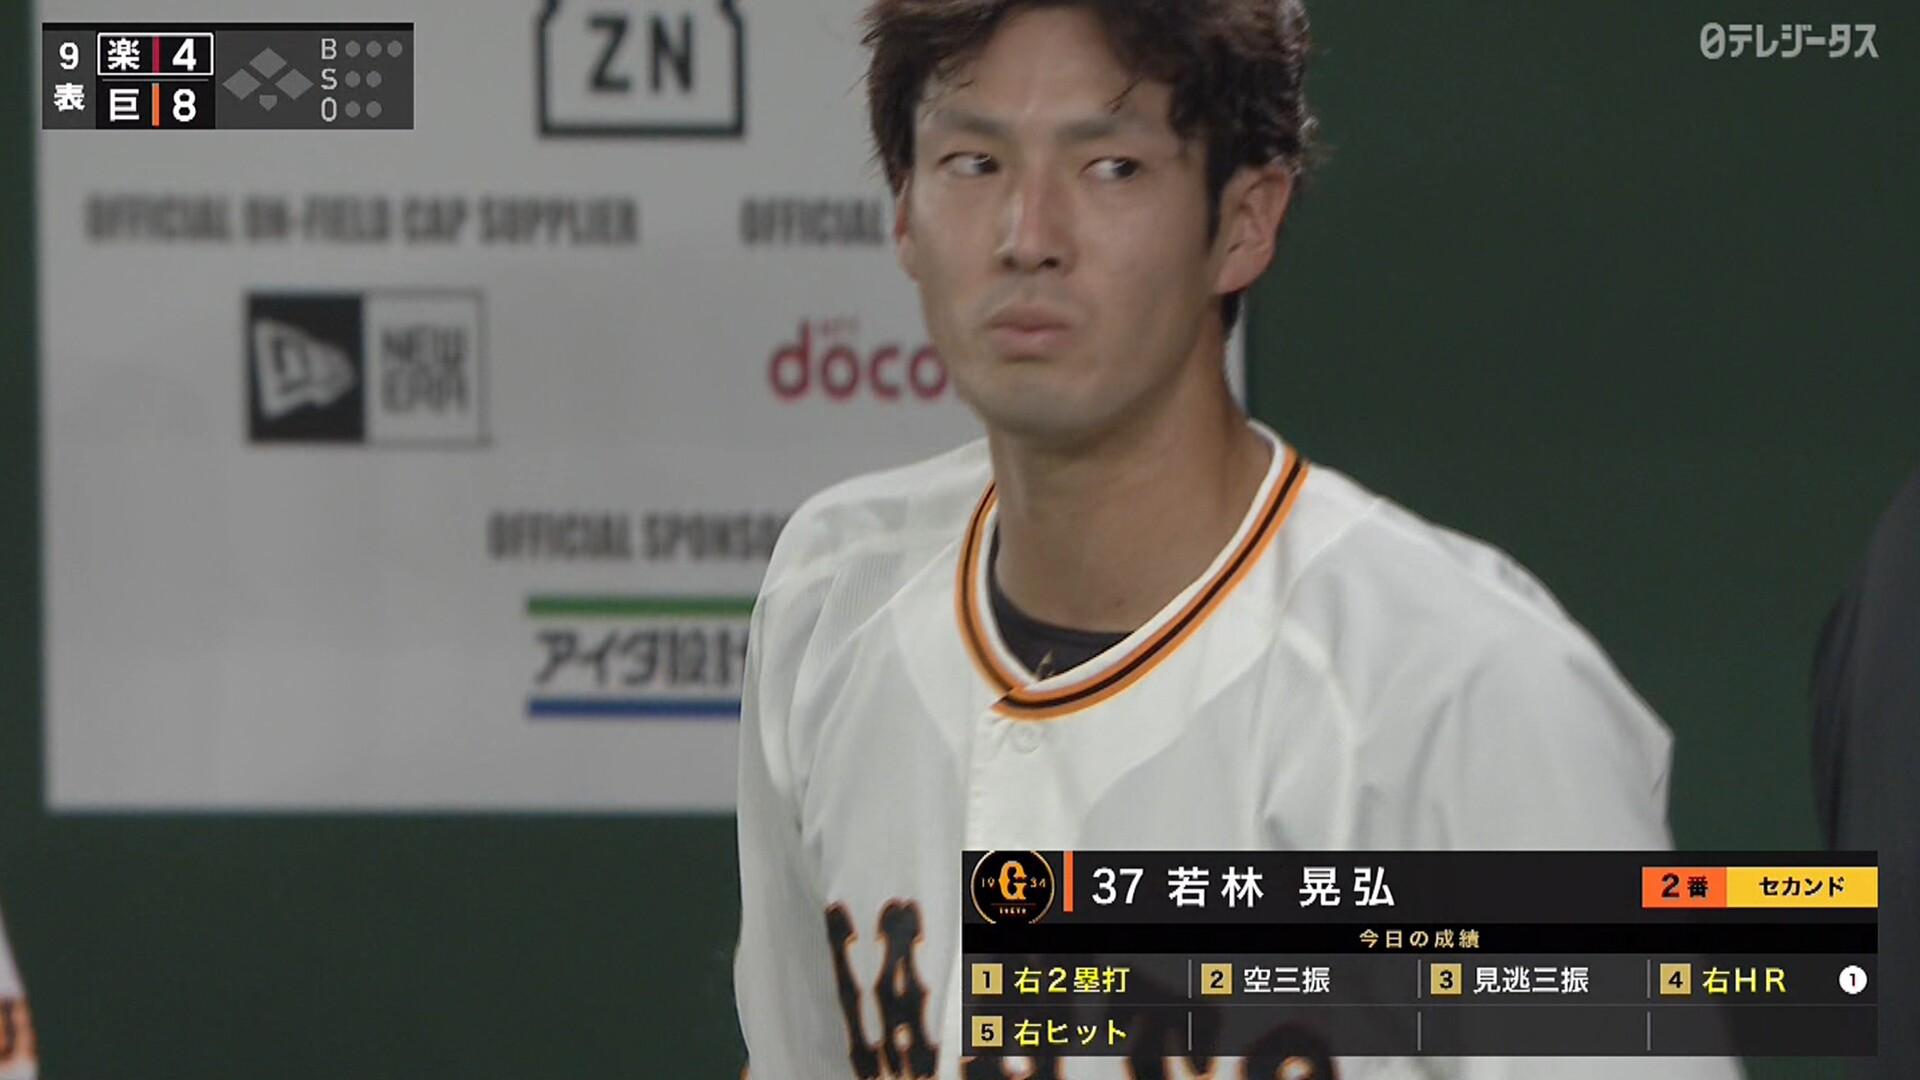 """巨人・若林、2番セカンドで開幕スタメン""""当確"""""""